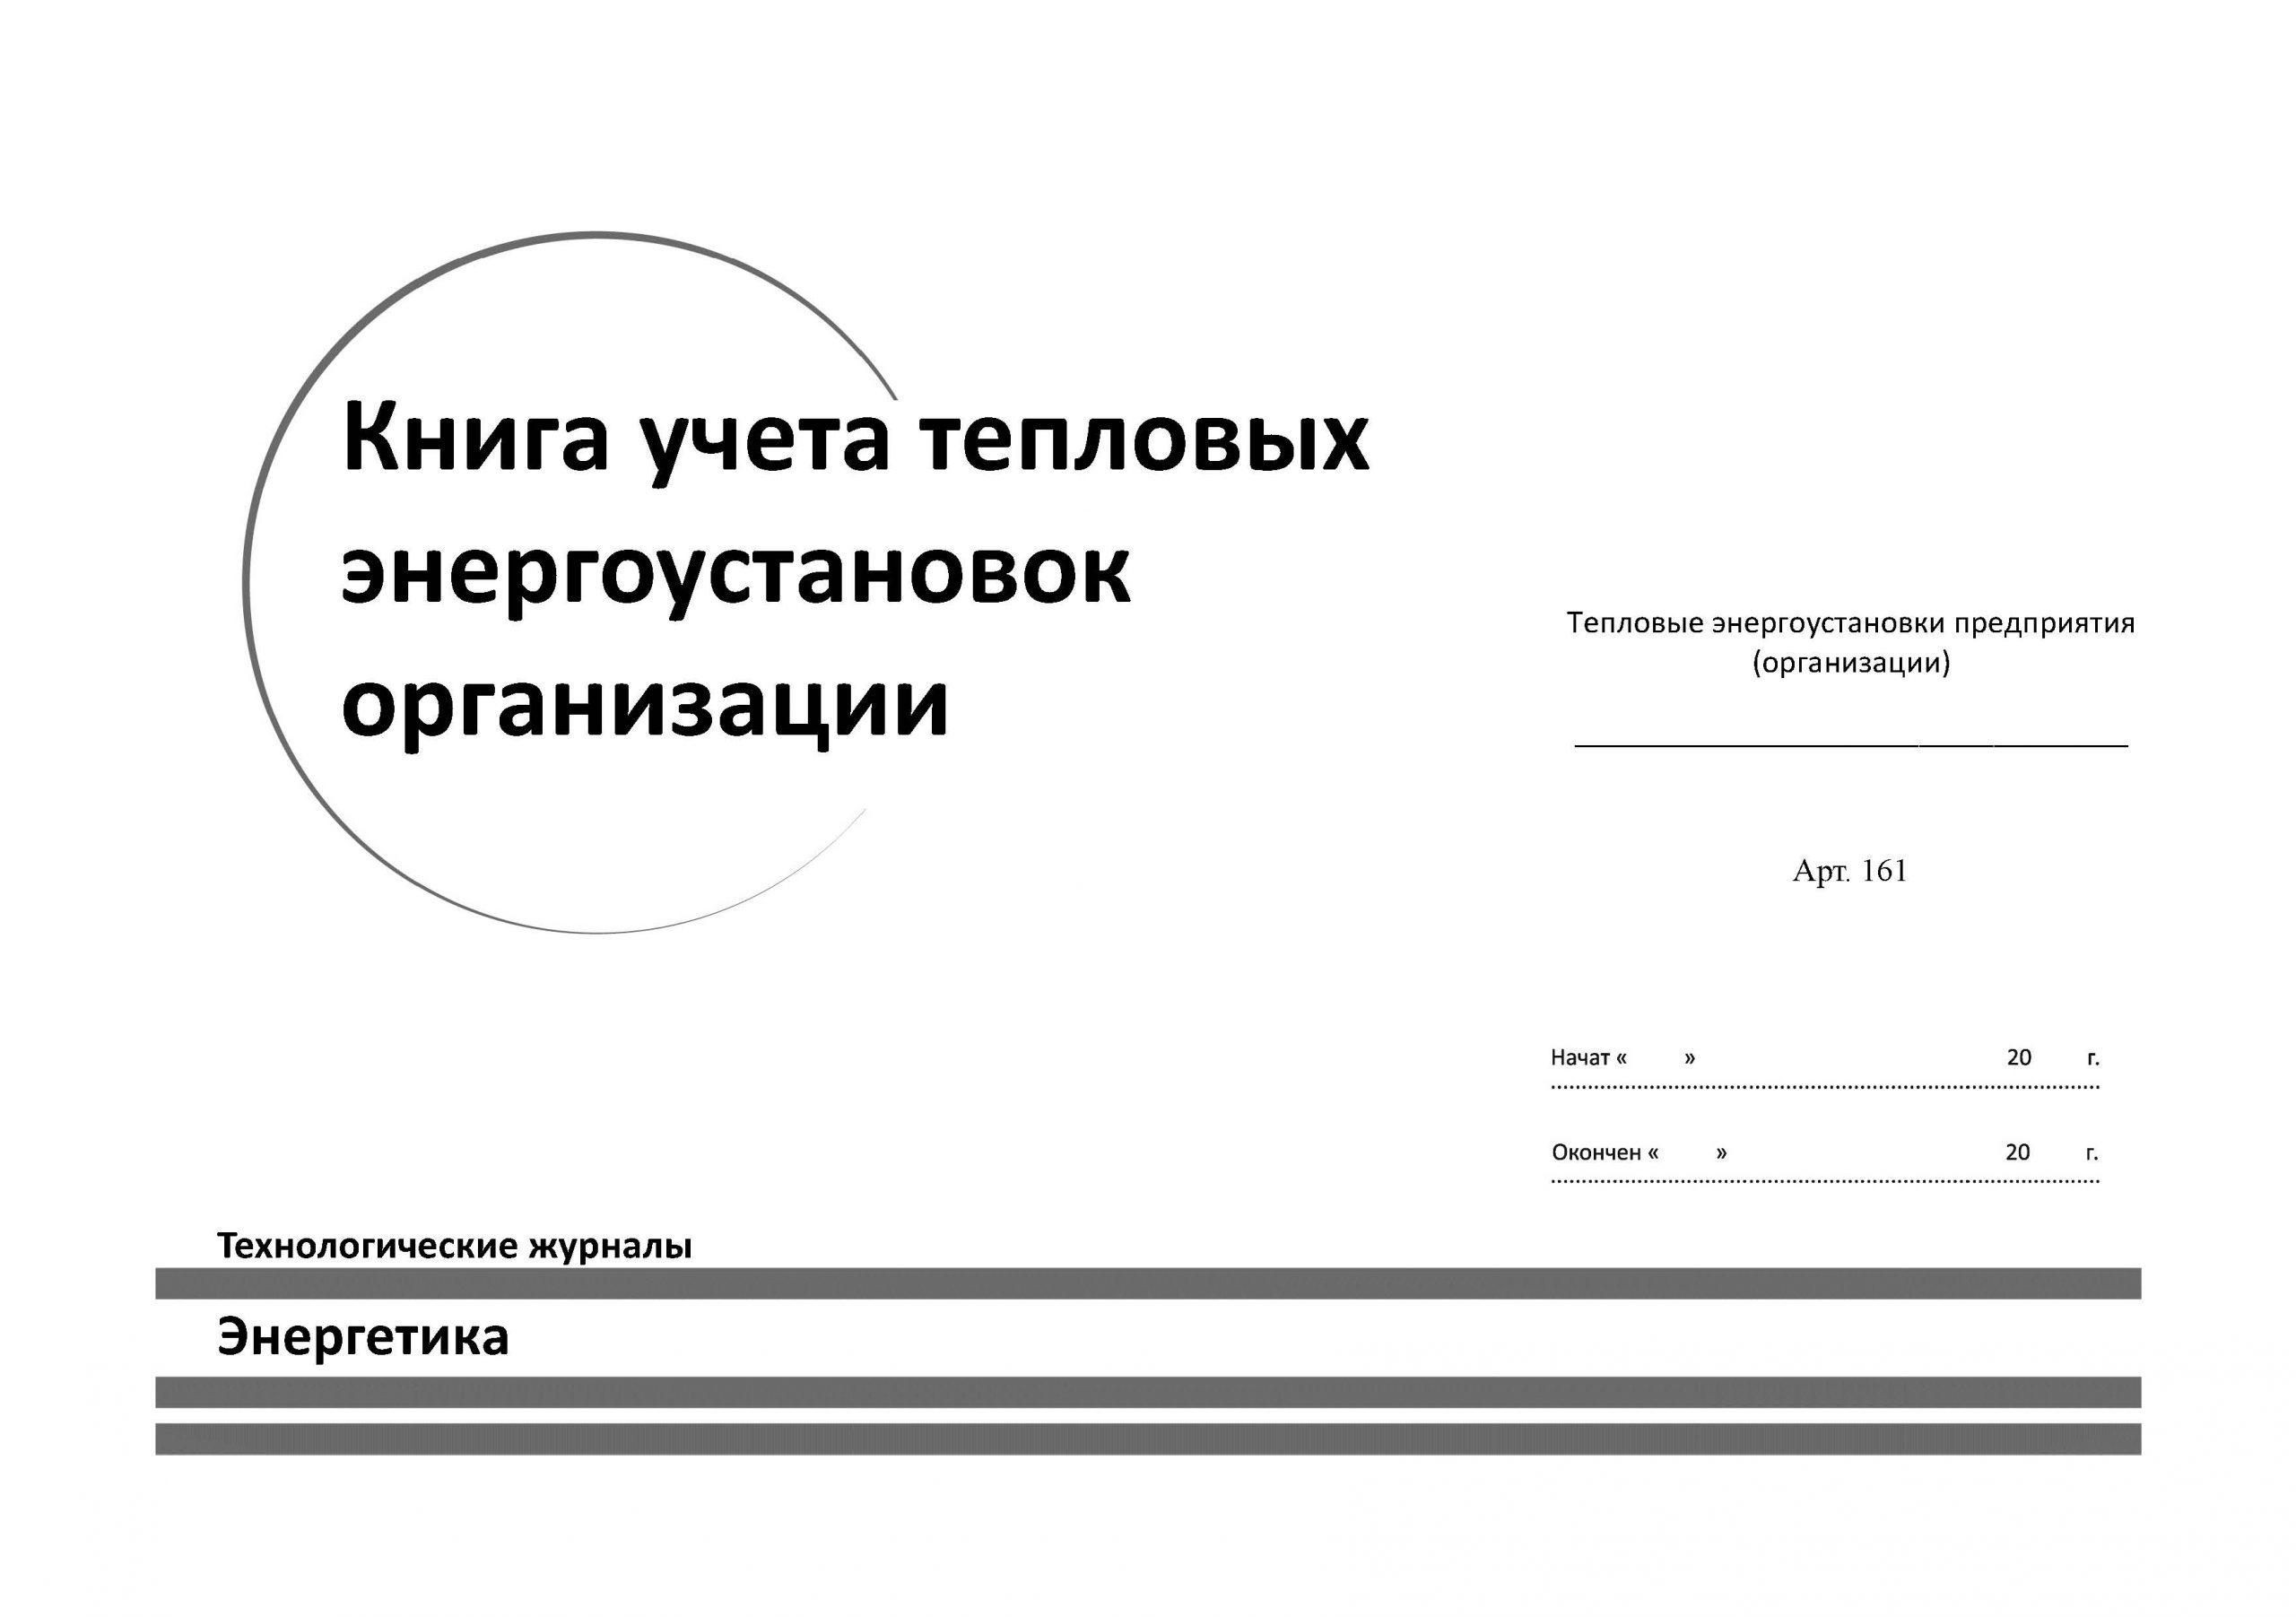 Изготовление технических журналов в Москве   фото 2